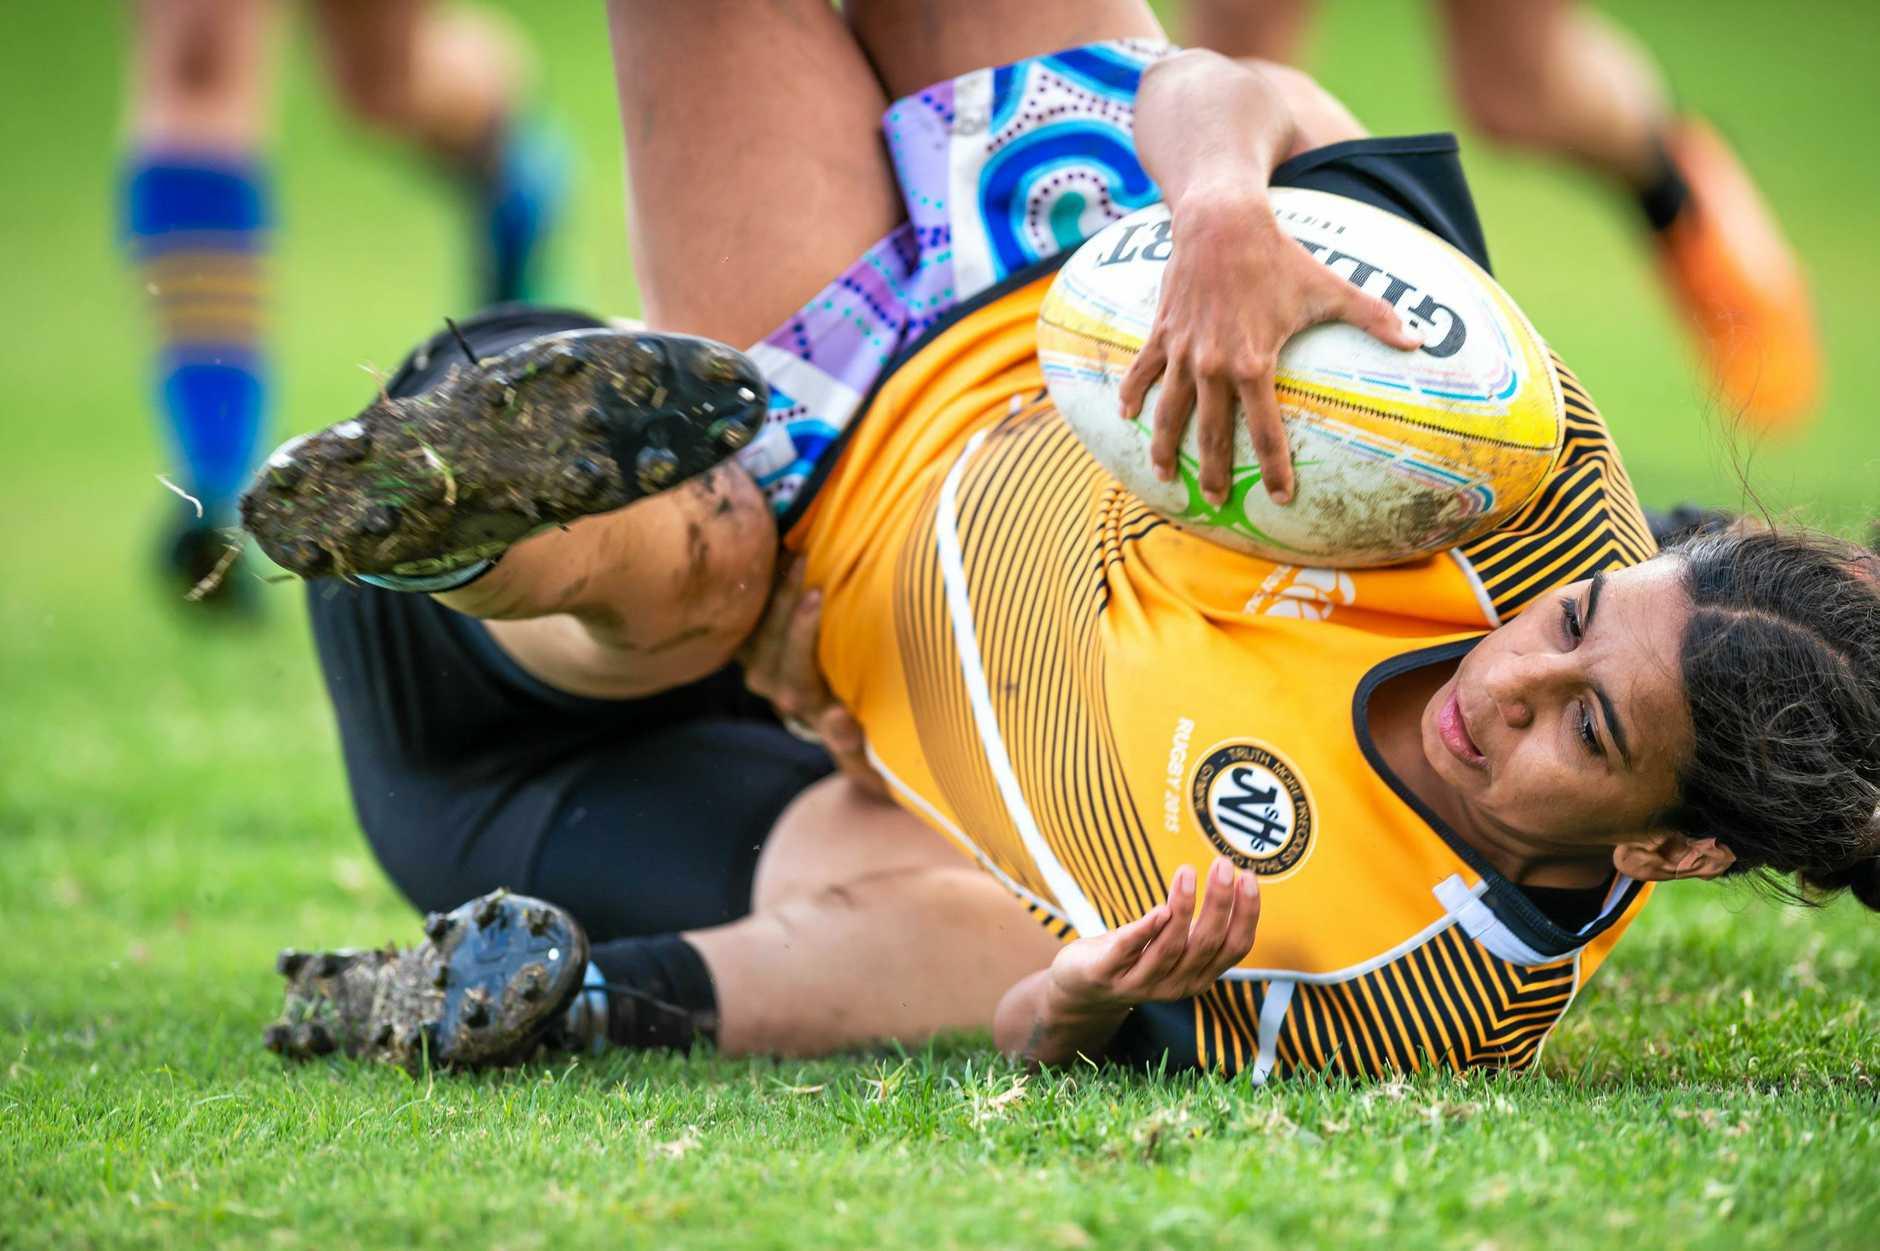 Rugby Union - Gympie Hammers Ladies Shakeya Baker